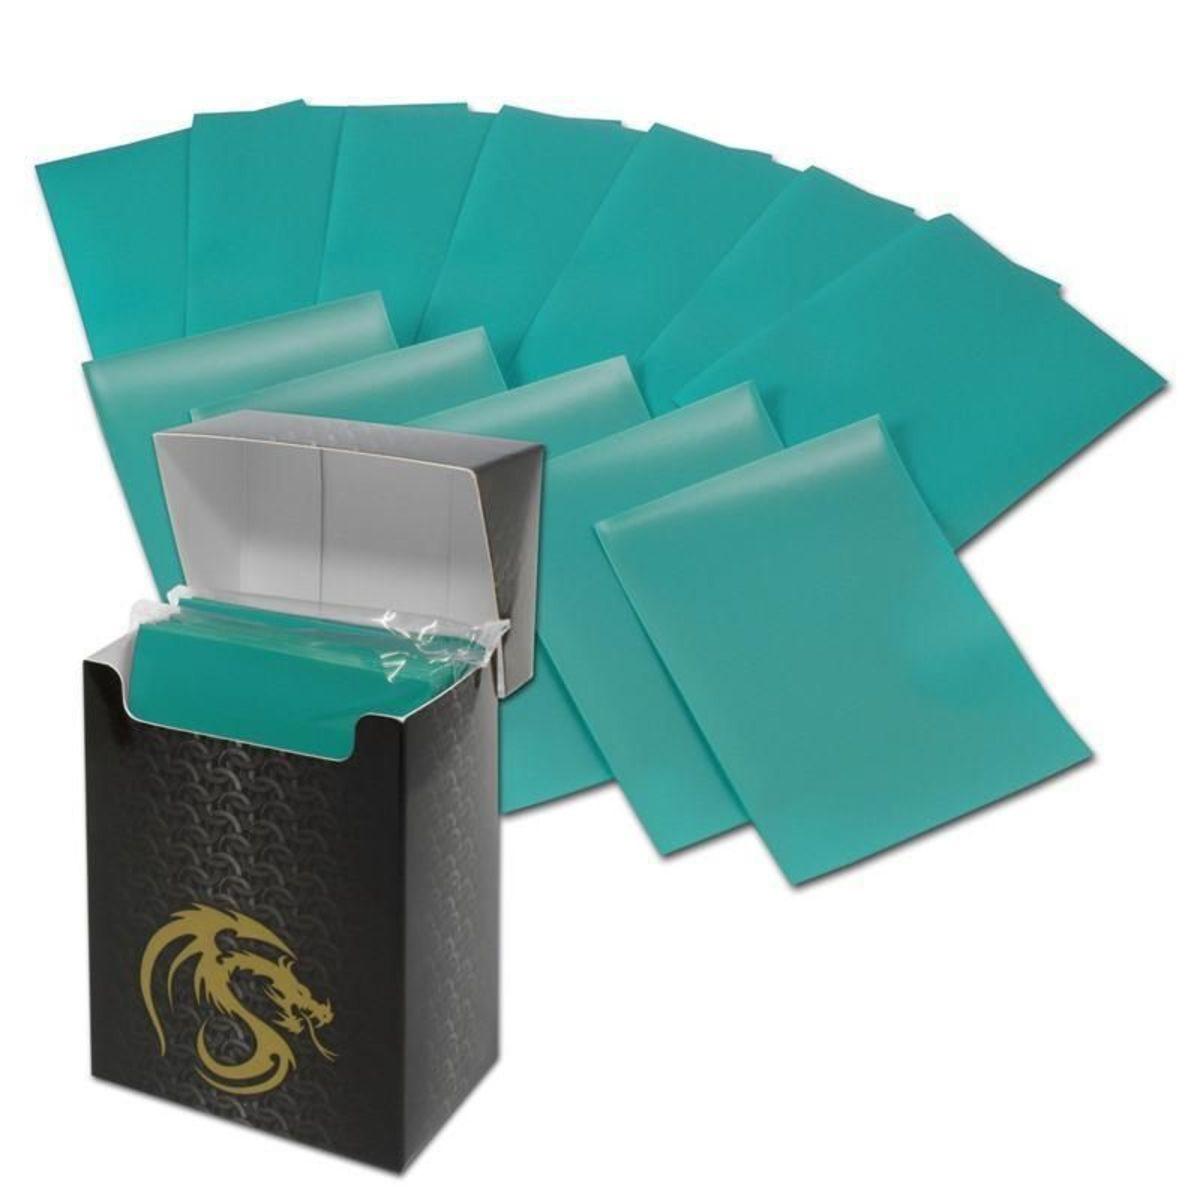 Deck Guard teal card sleeves